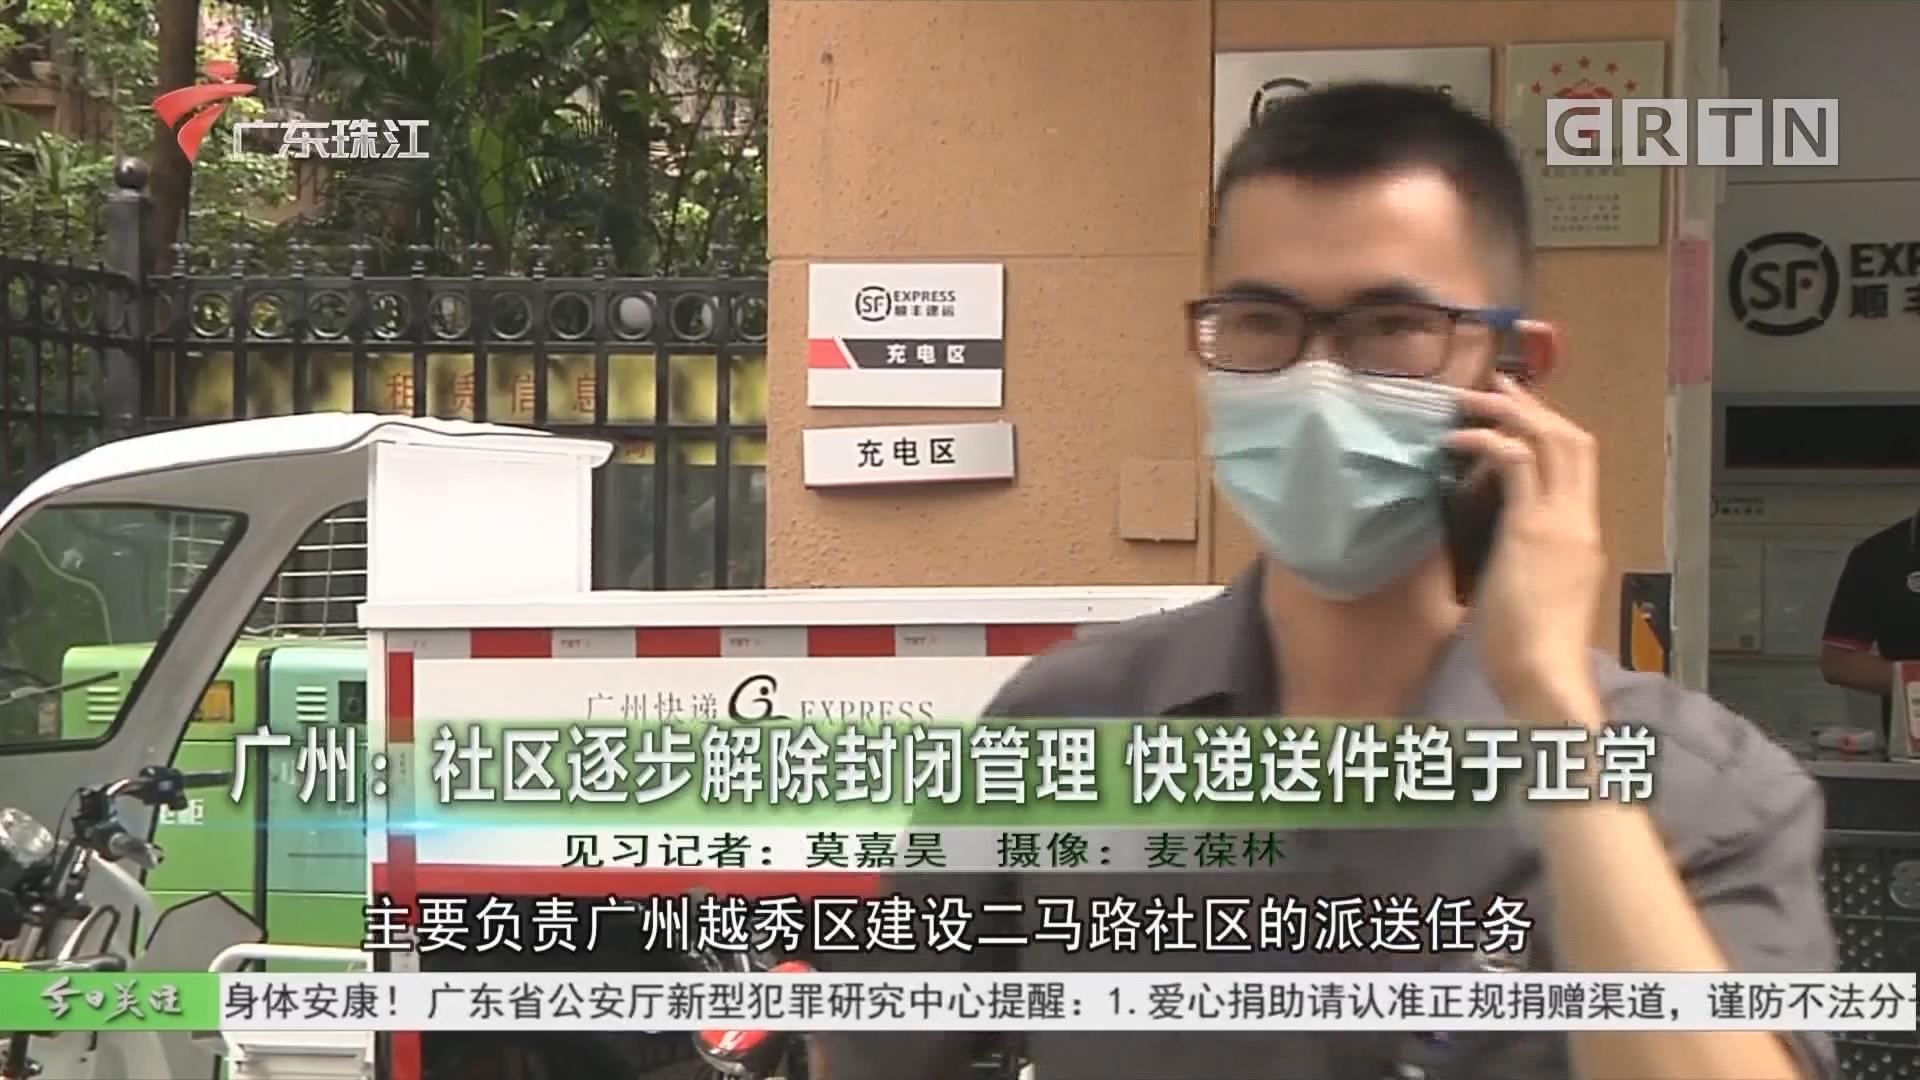 广州:社区逐步解除封闭管理 快递送件趋于正常